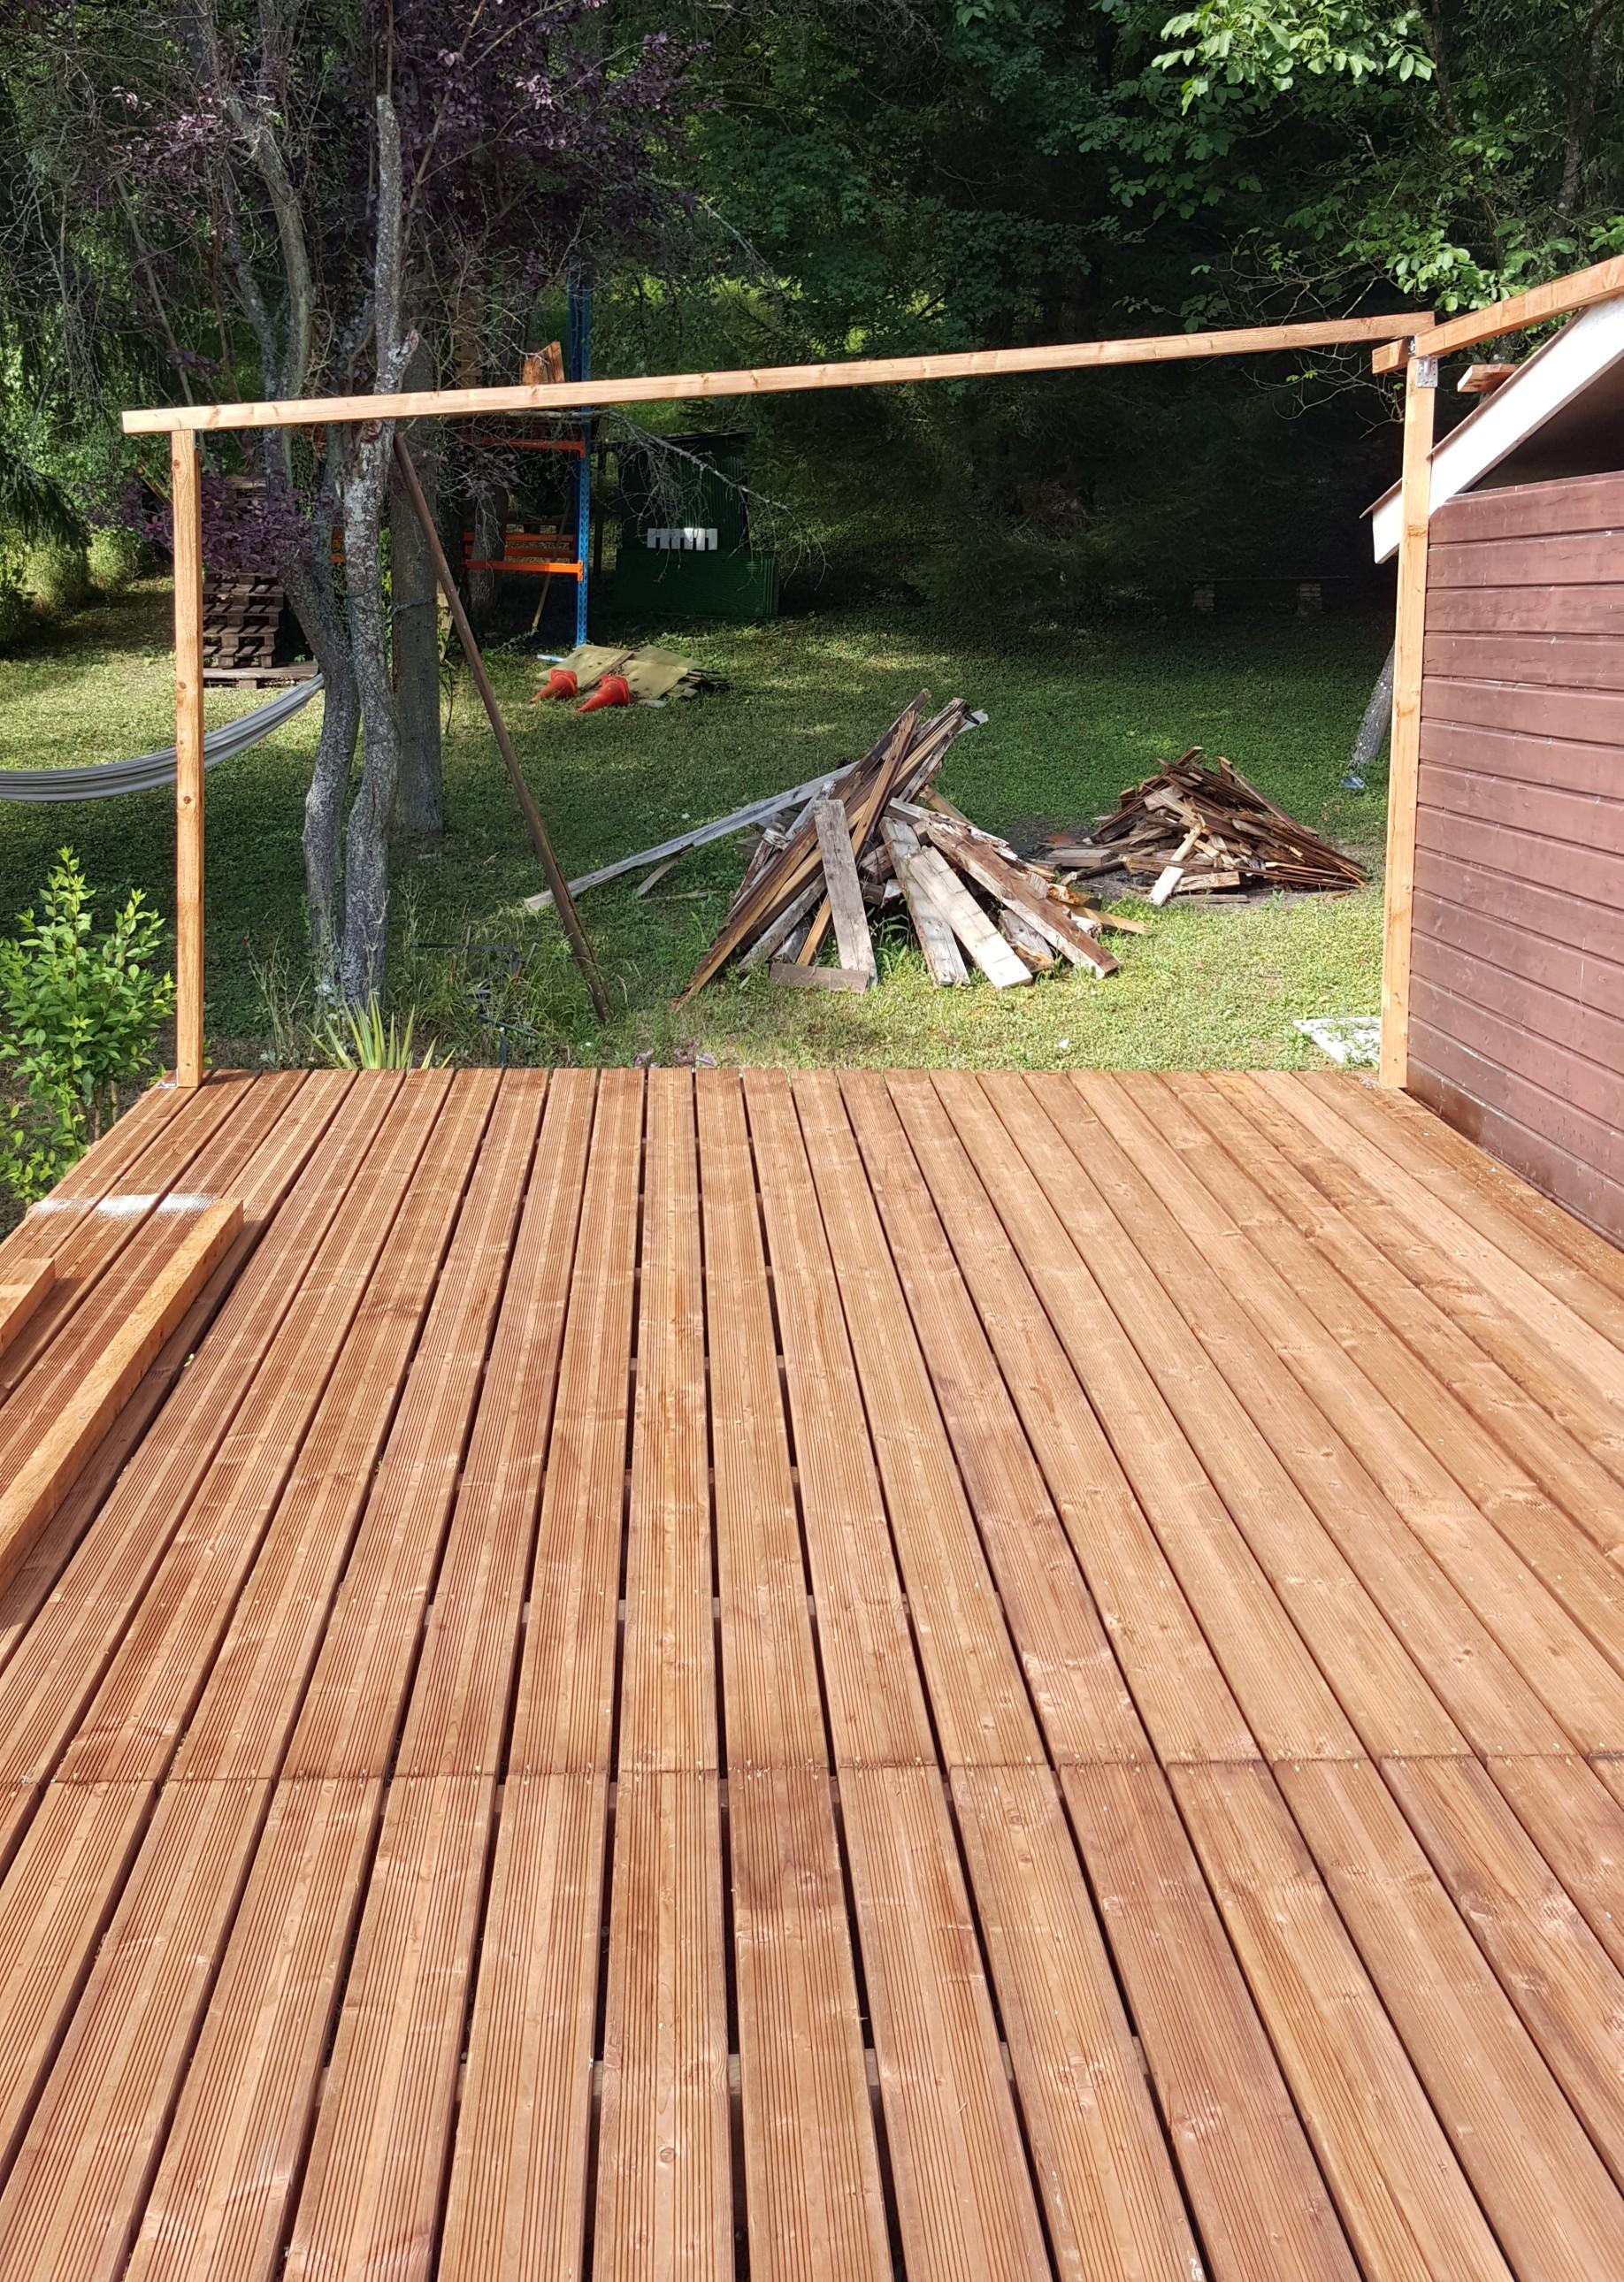 Démontage dune terrasse en bois et remontage dune nouvelle  Ours54